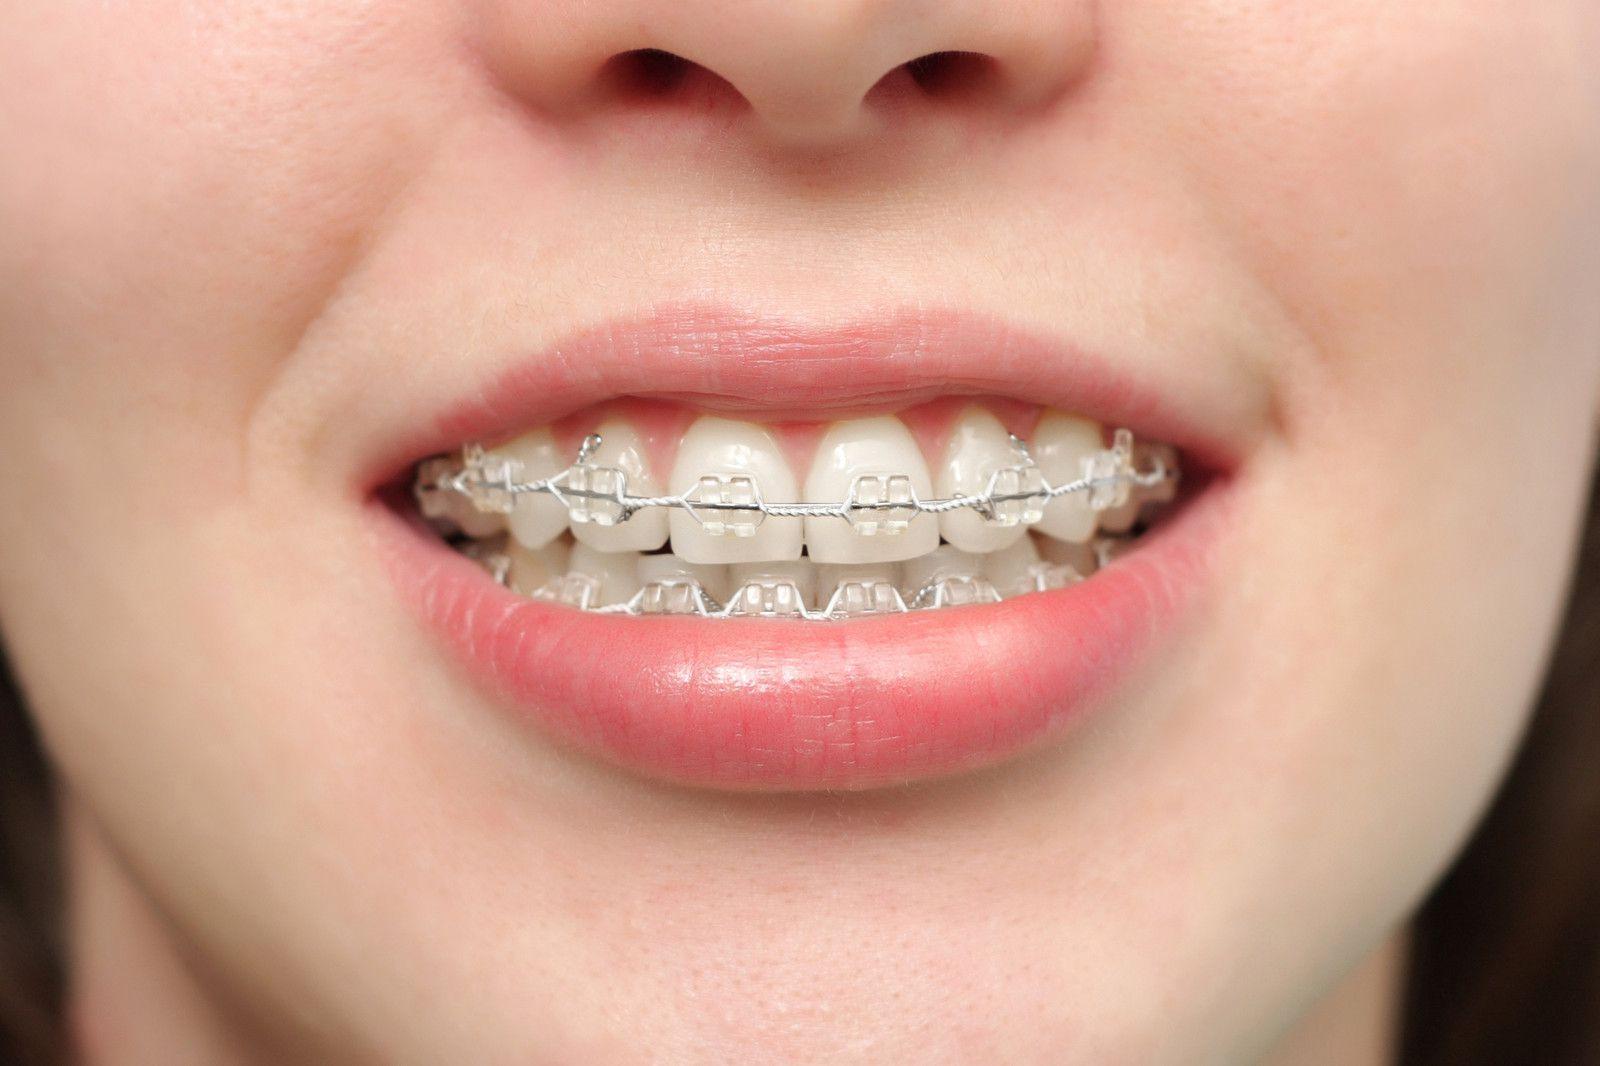 Người trưởng thành niềng răng nên có sự thăm khám cẩn thận và lựa chọn cơ sở uy tín.